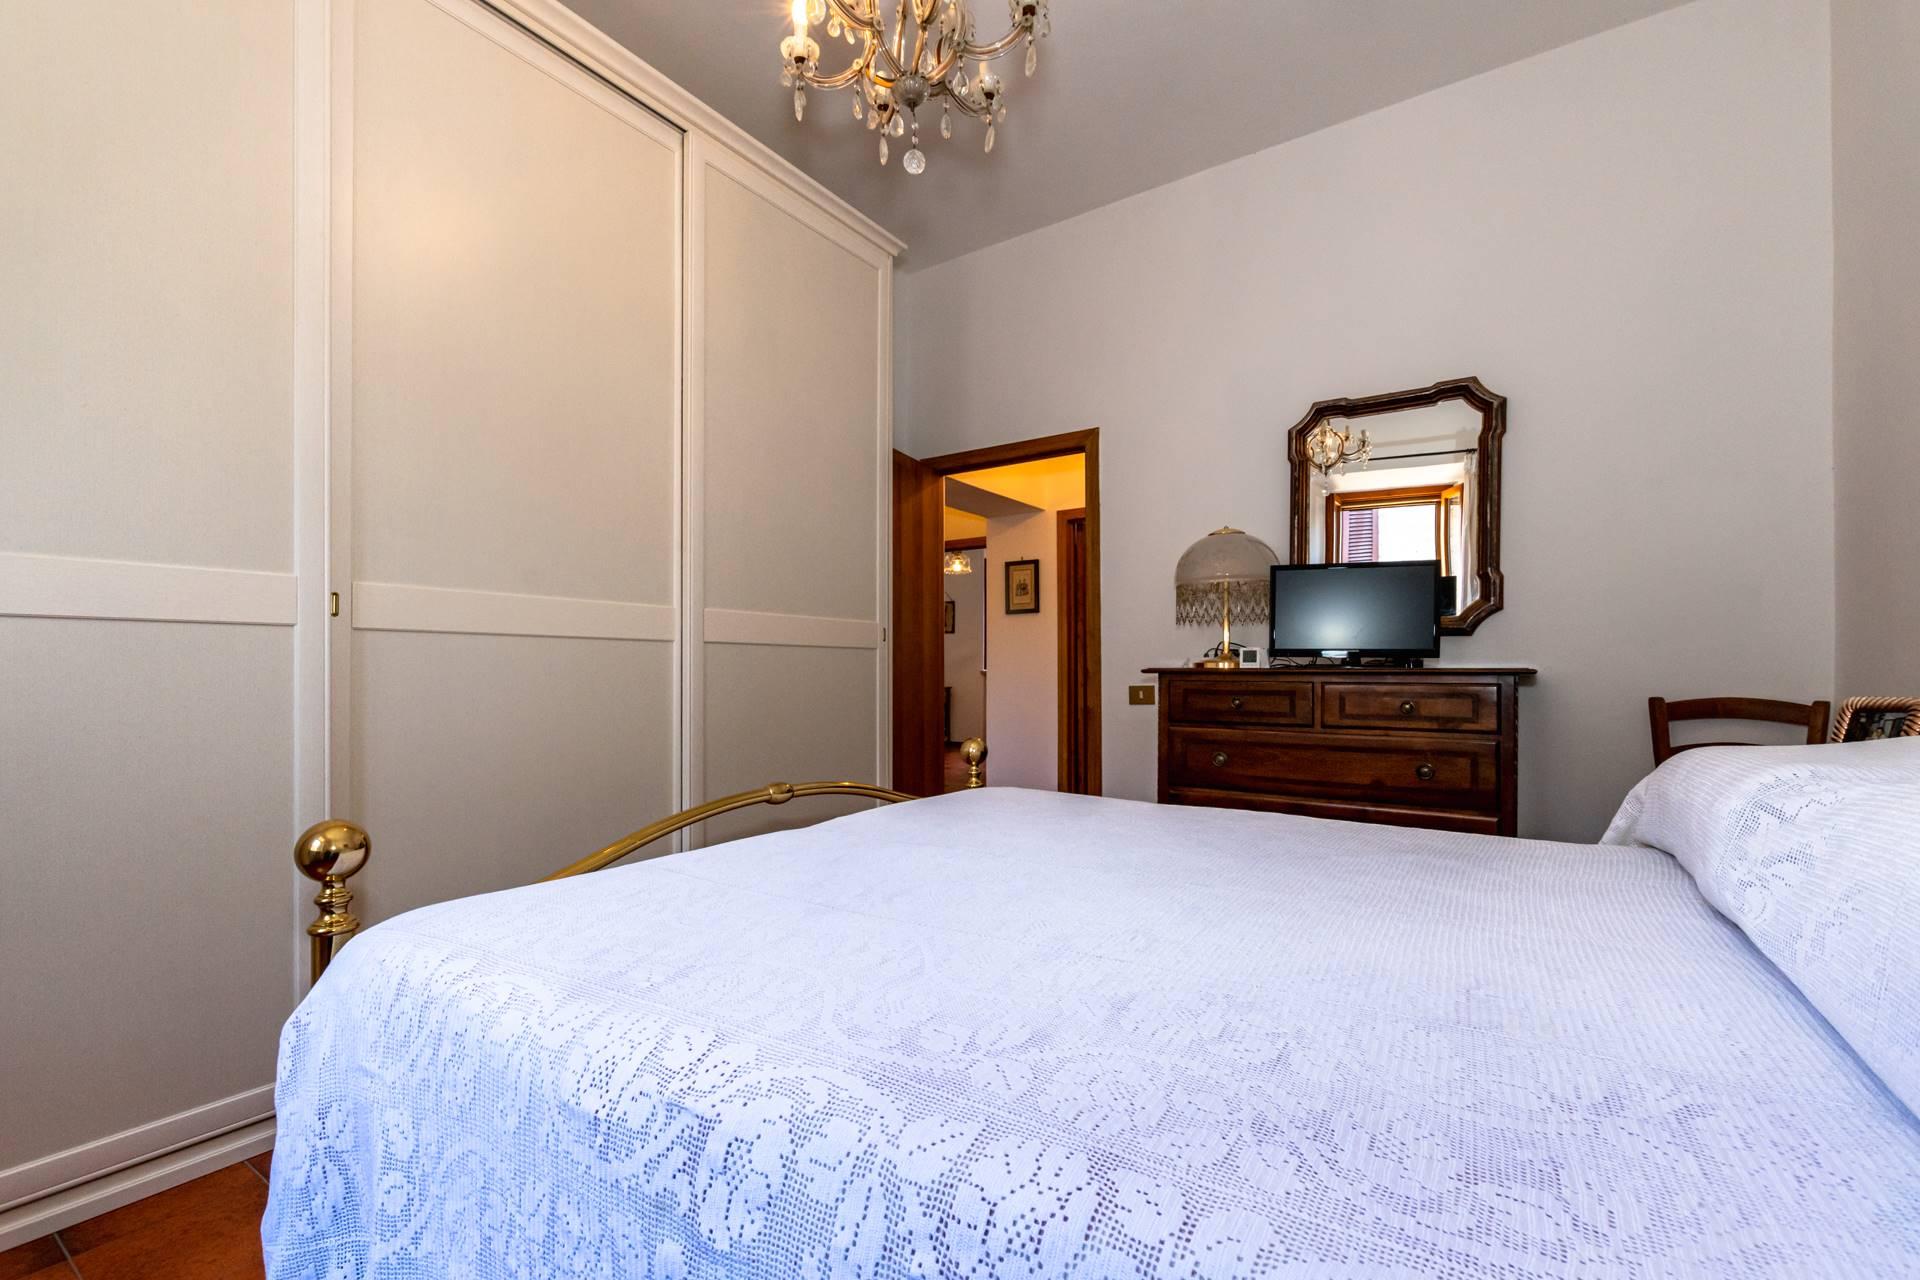 Camera matrimoniale 1 piano primo